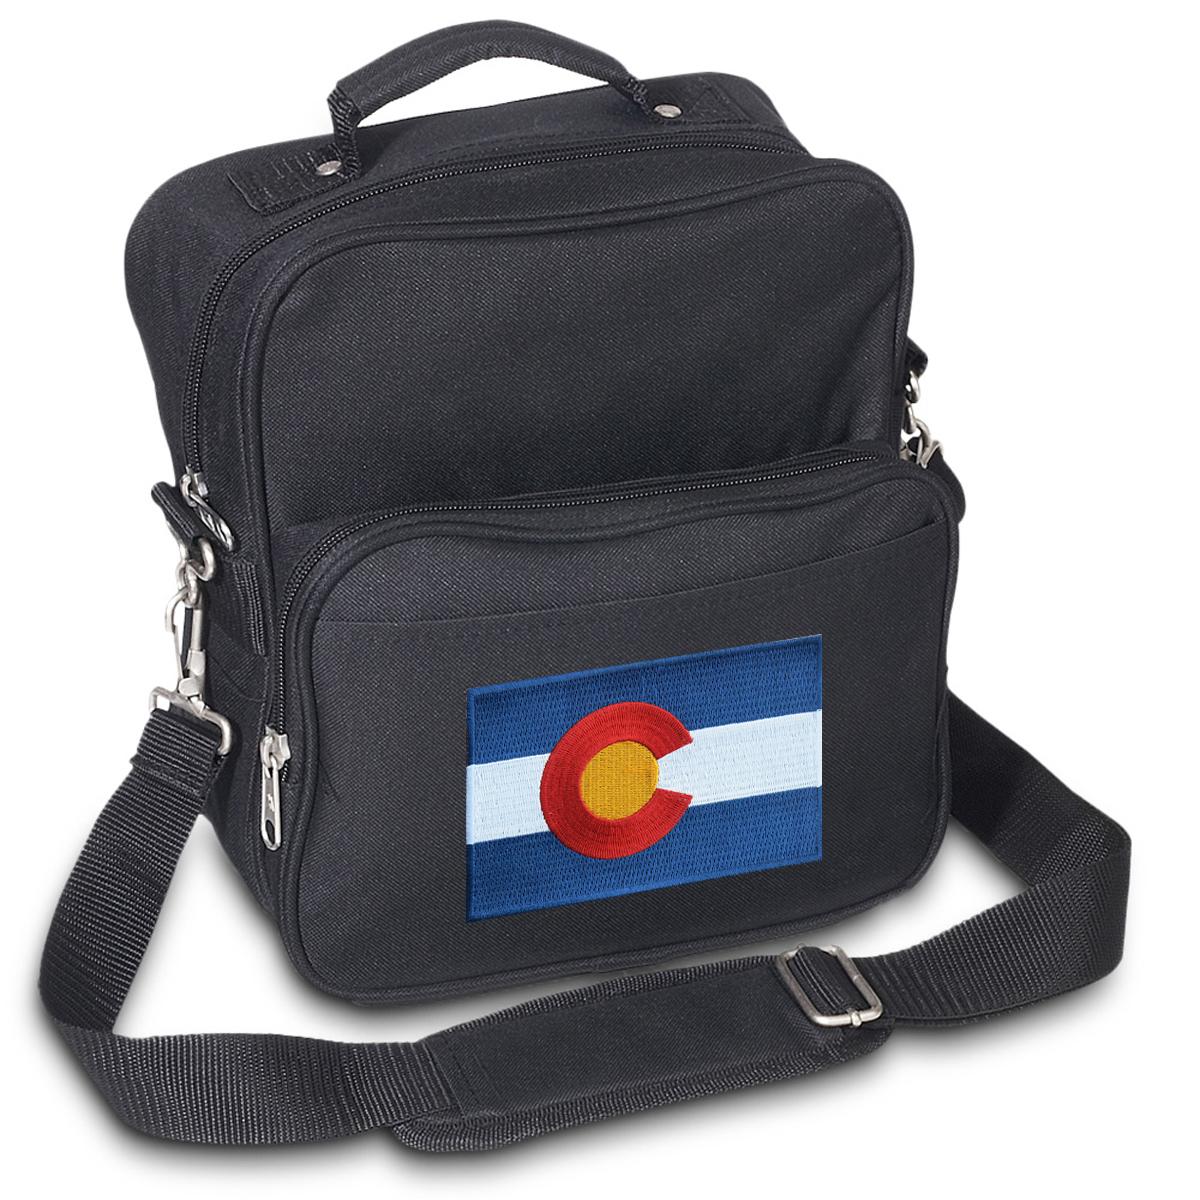 Colorado Small Utility Messenger Bag Or Travel